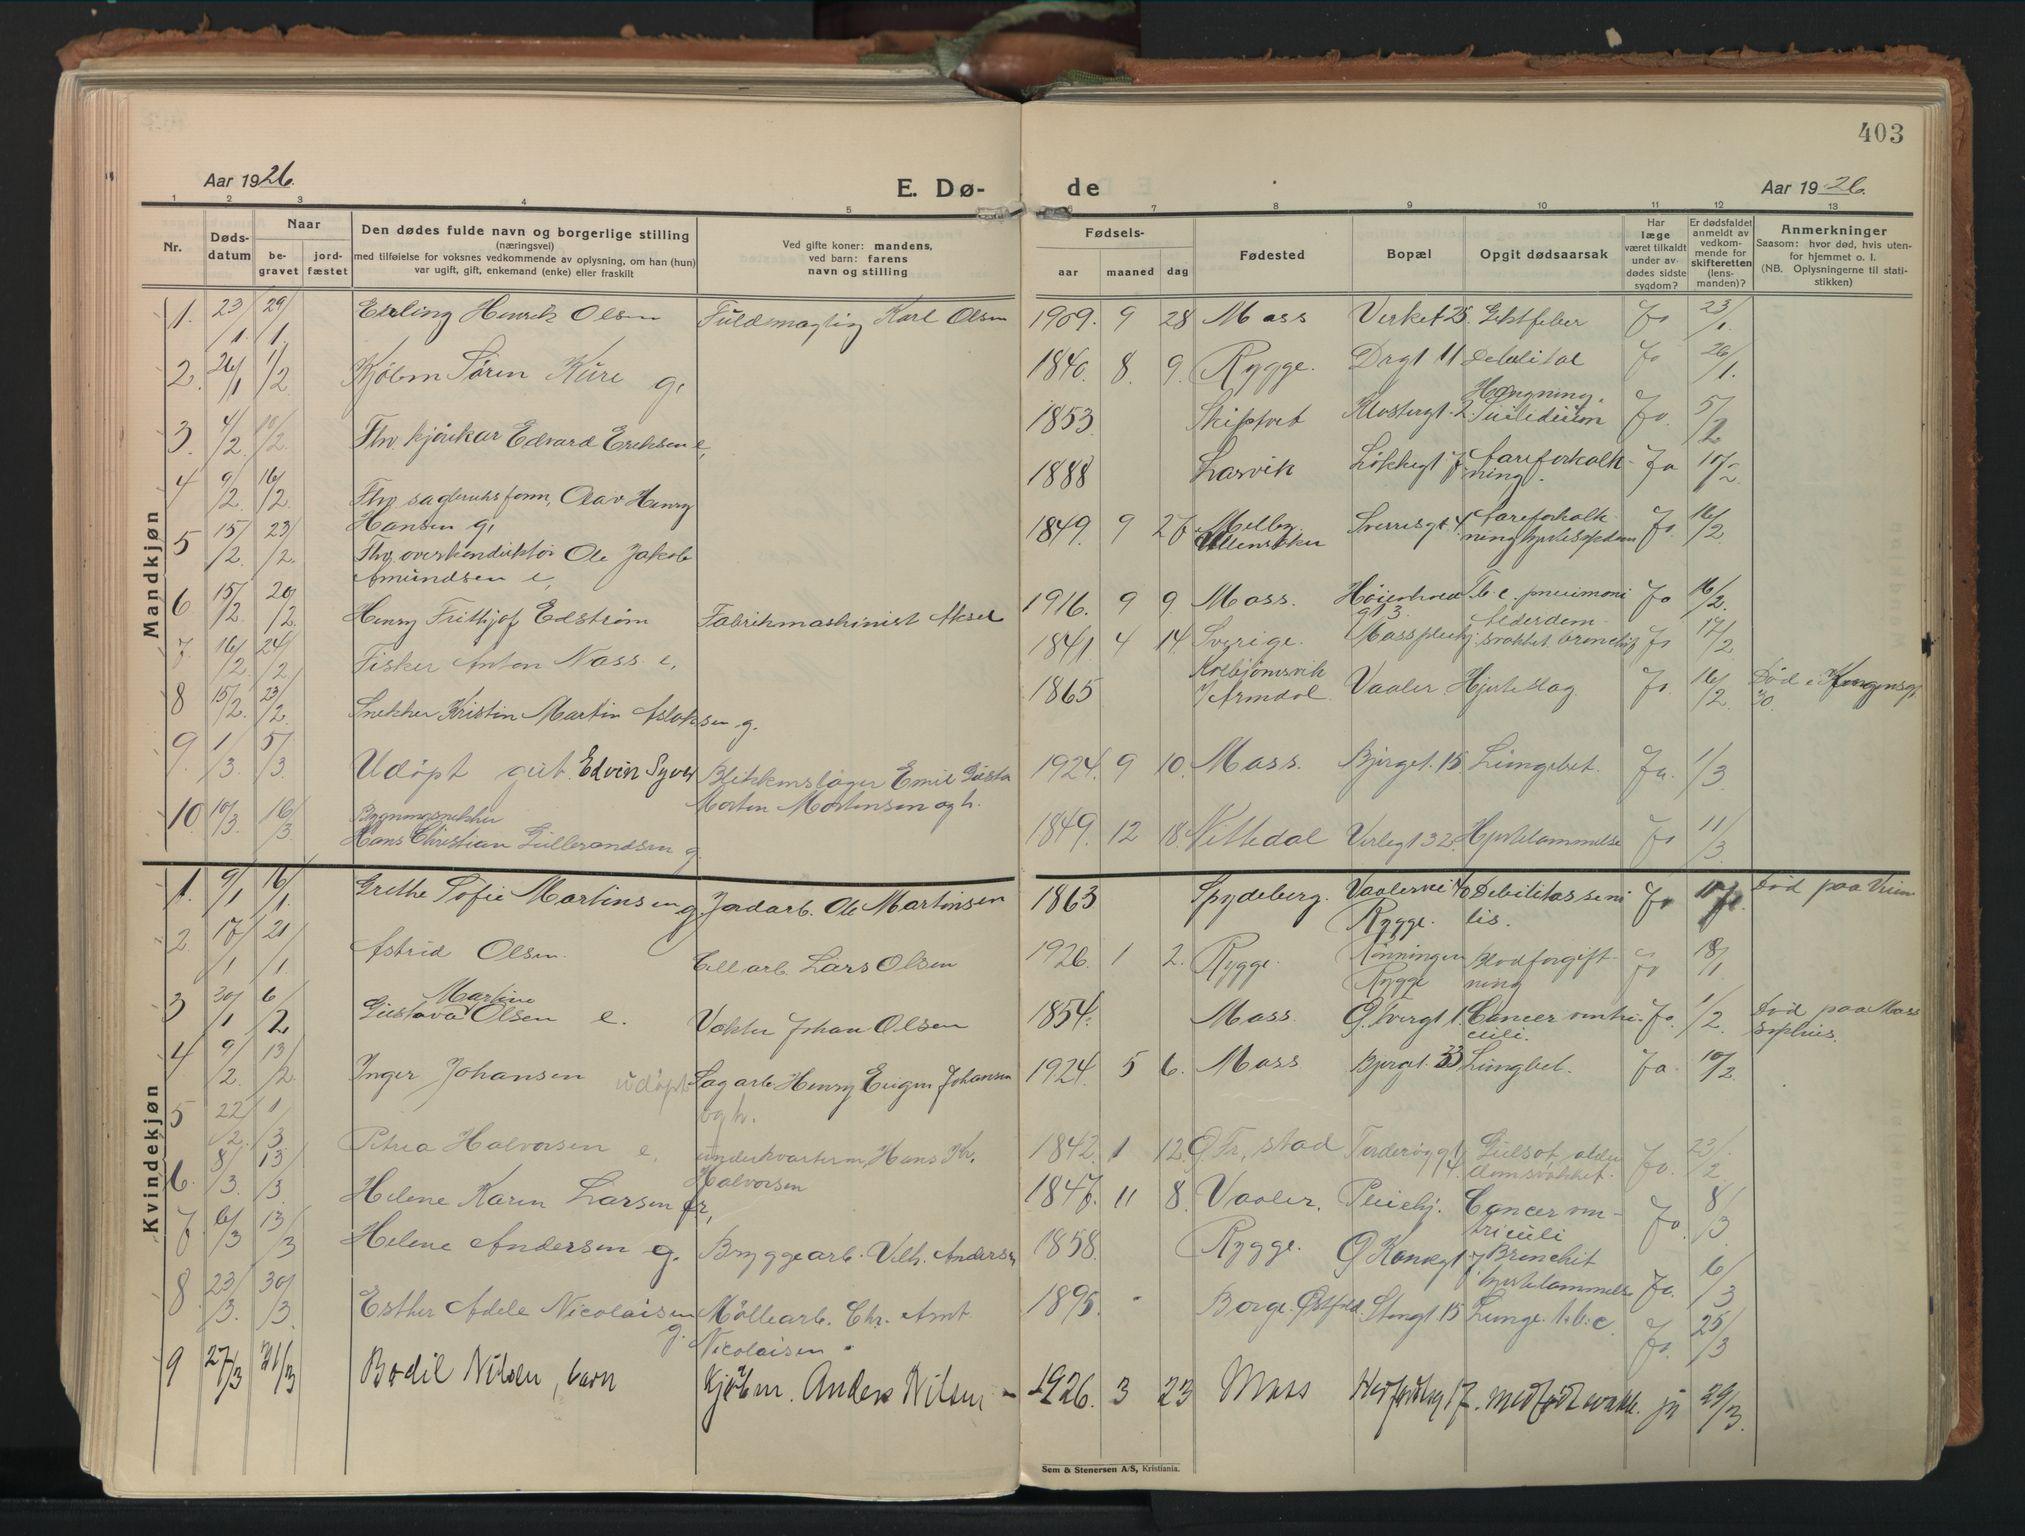 SAO, Moss prestekontor Kirkebøker, F/Fb/Fab/L0006: Ministerialbok nr. II 6, 1924-1932, s. 403